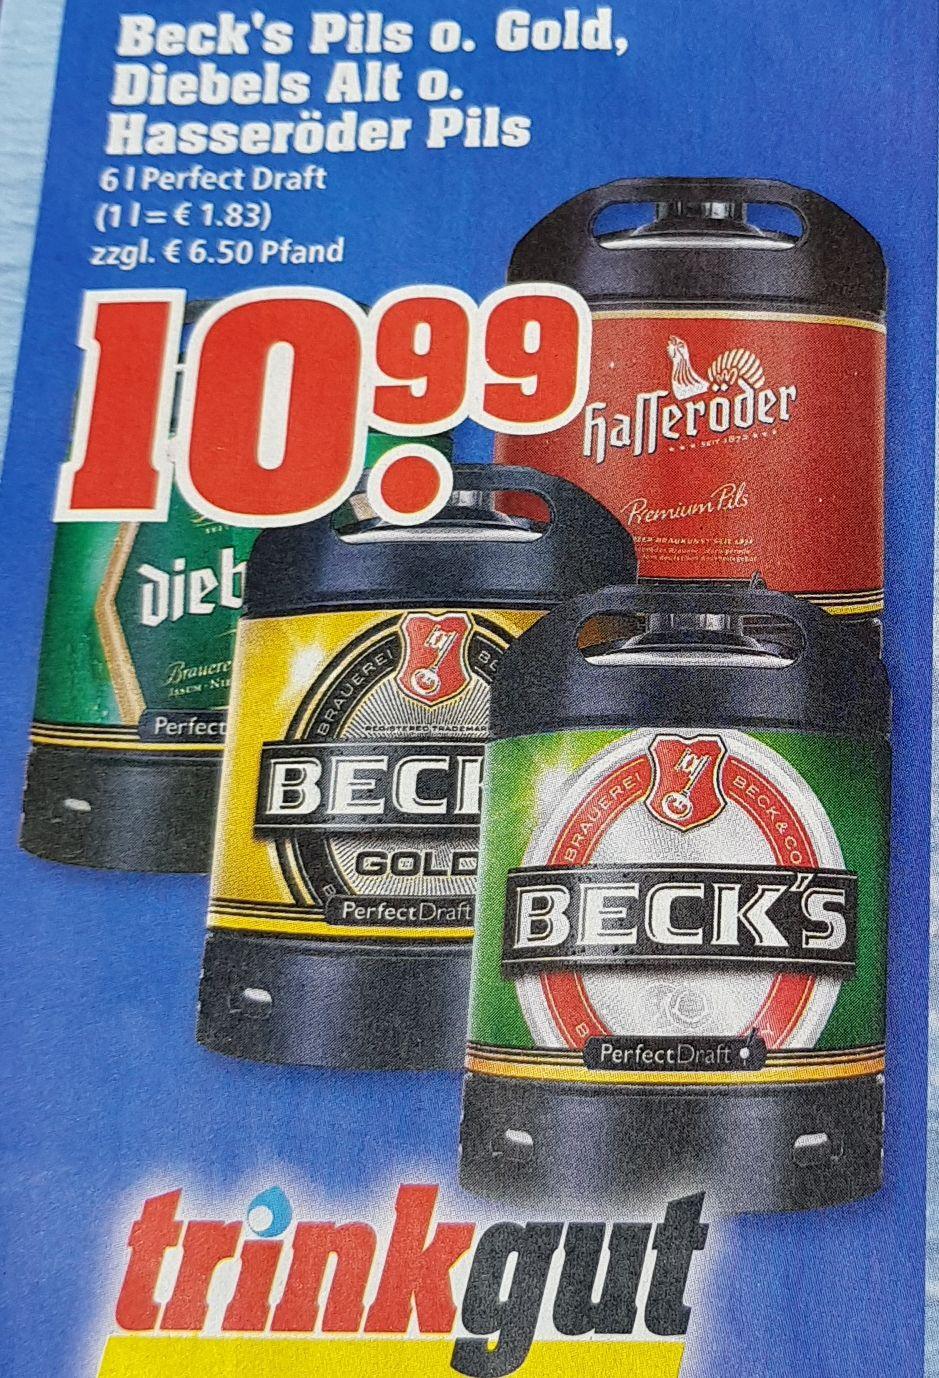 Perfect Draft Fässer 6l Beck's, Diebels, Hasseröder bei Trinkgut und Edeka Center Rhein-Ruhr für 10,99 Euro